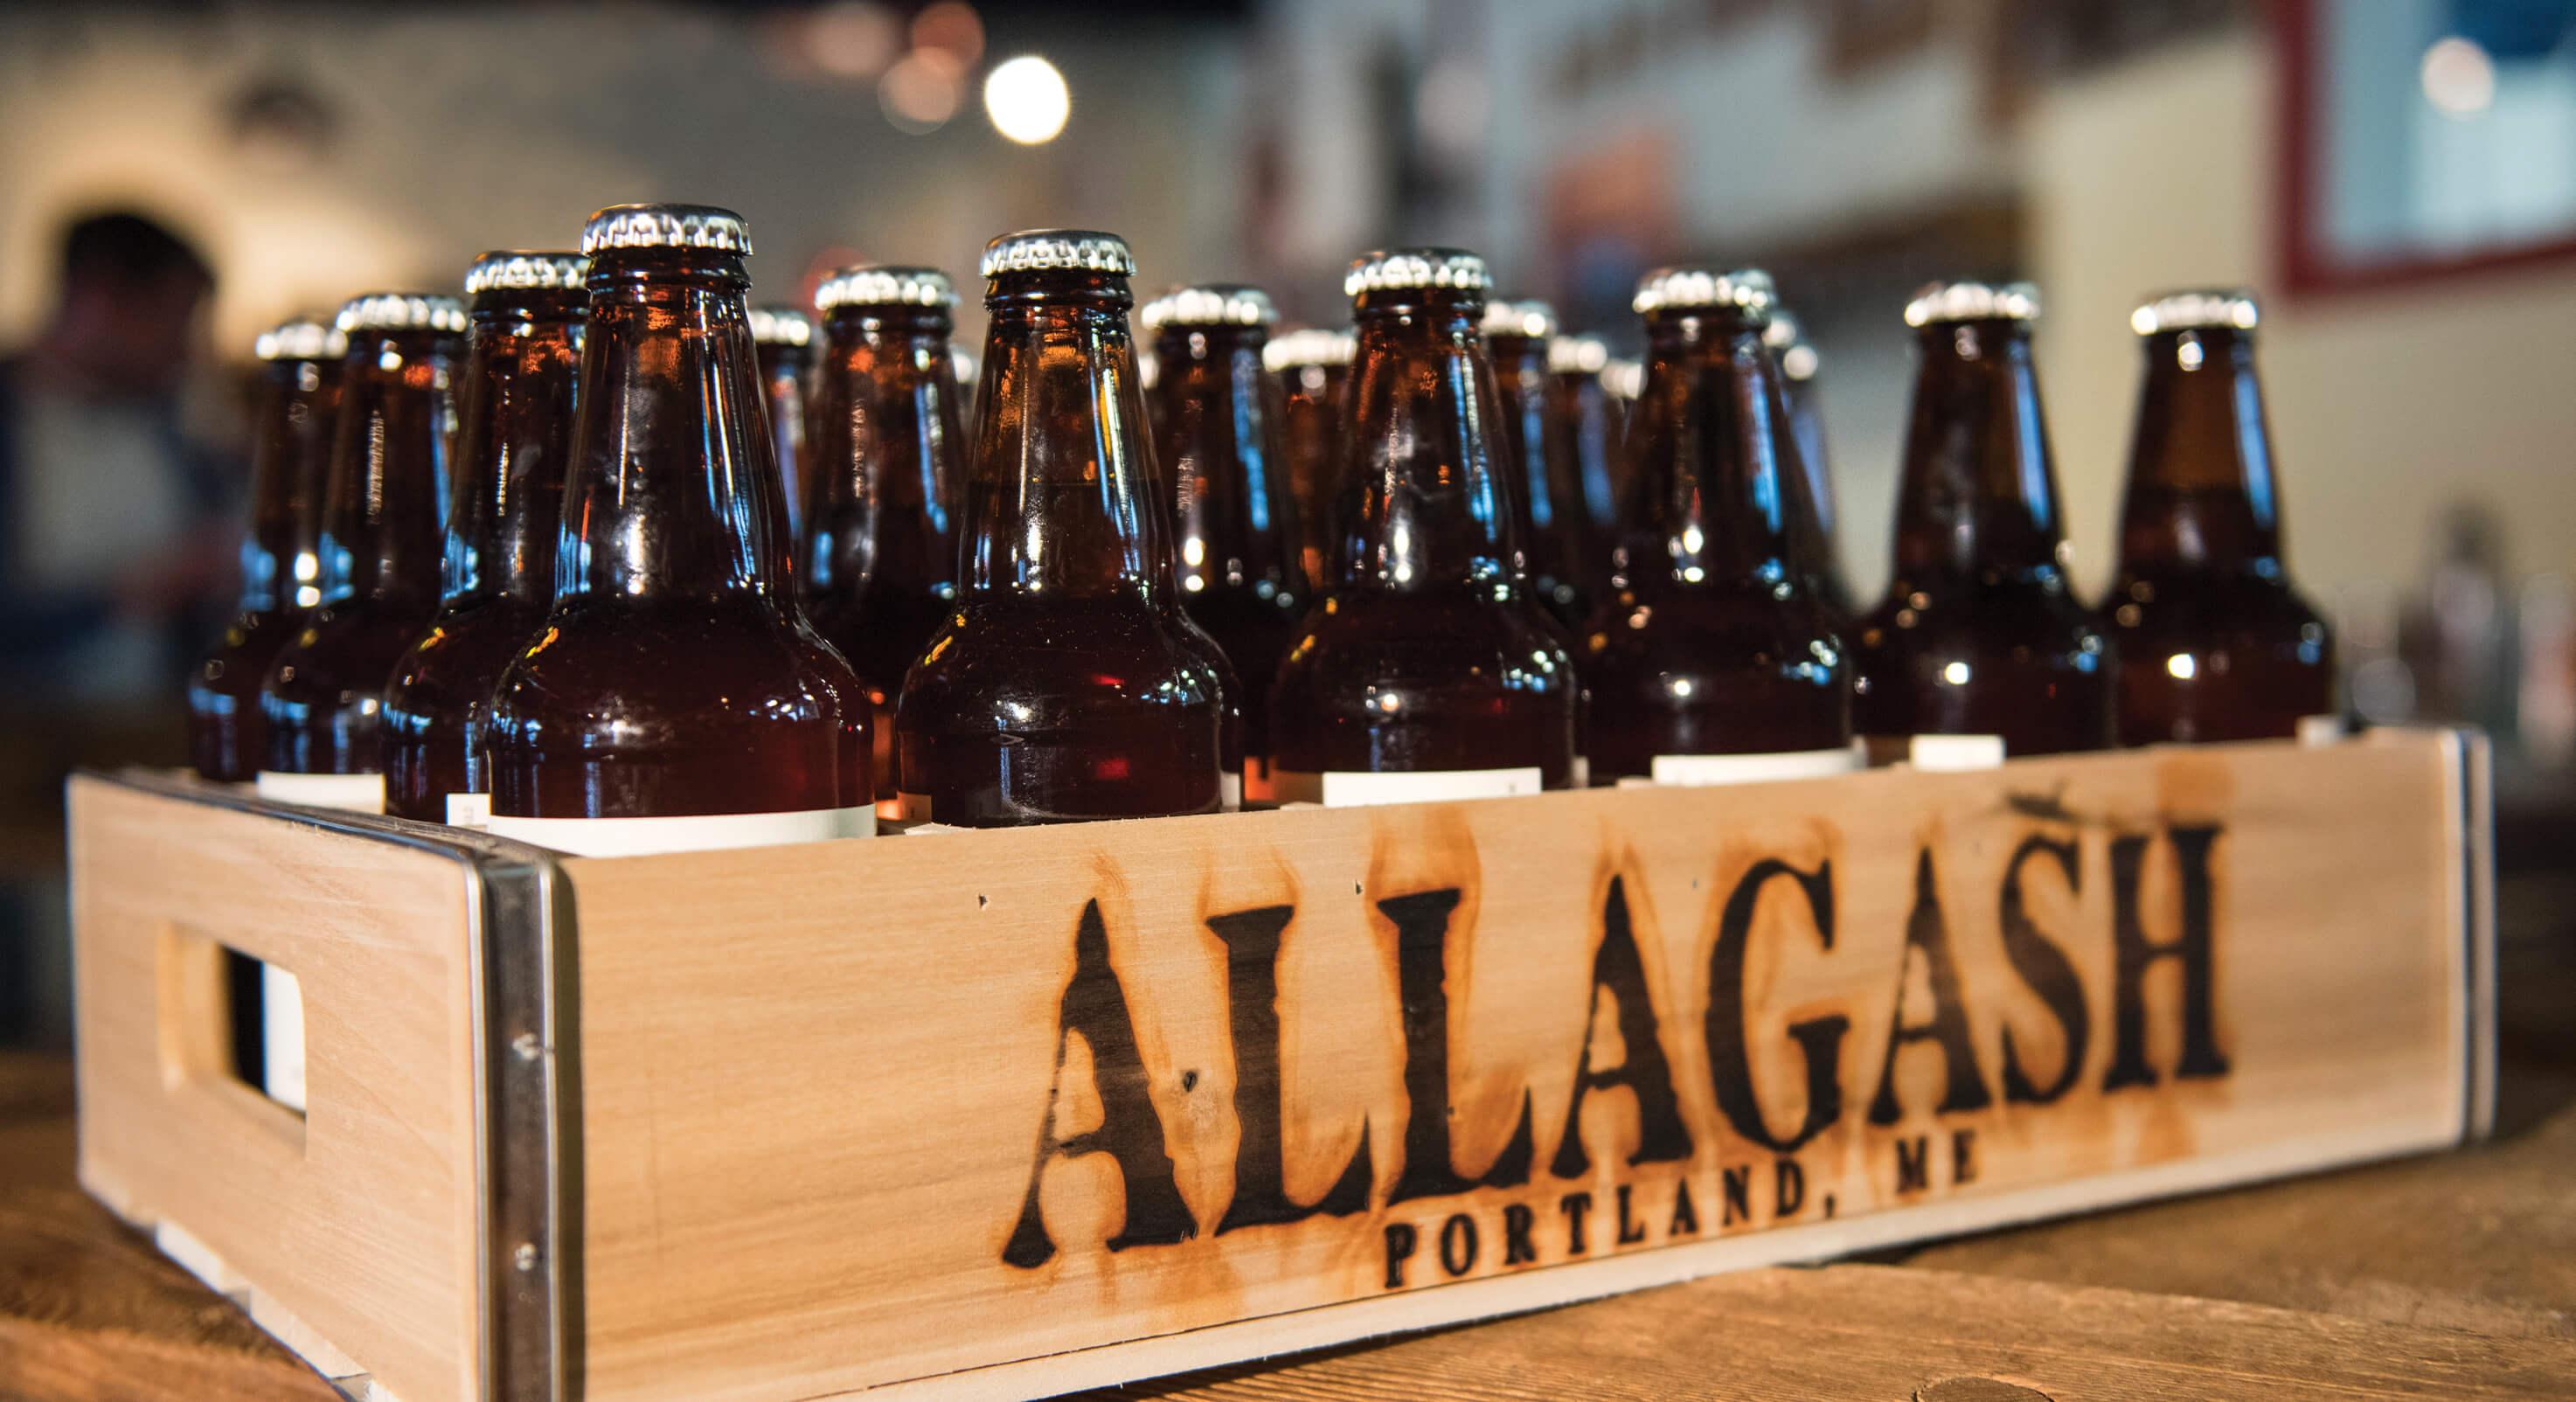 Allagash-beer-bottles-1-1-1-1